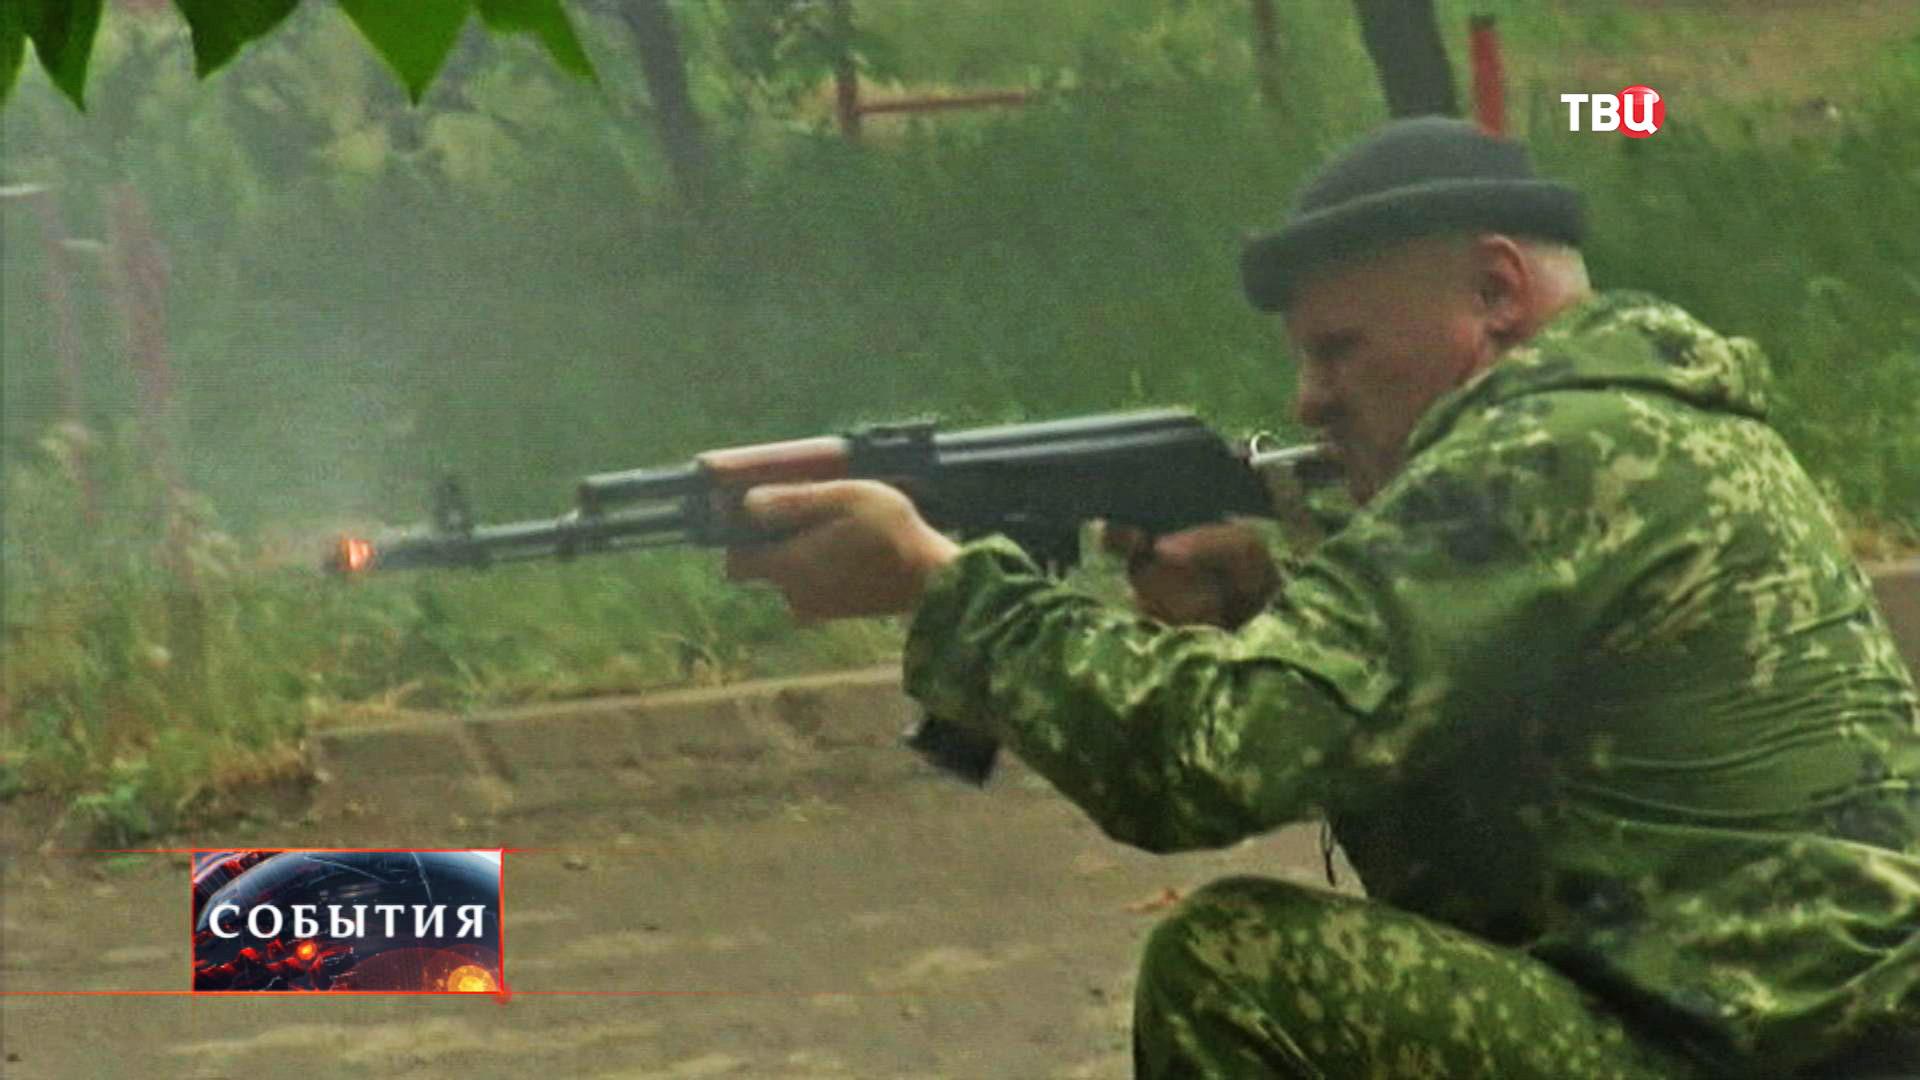 Ополченец ведет прицельную стрельбу